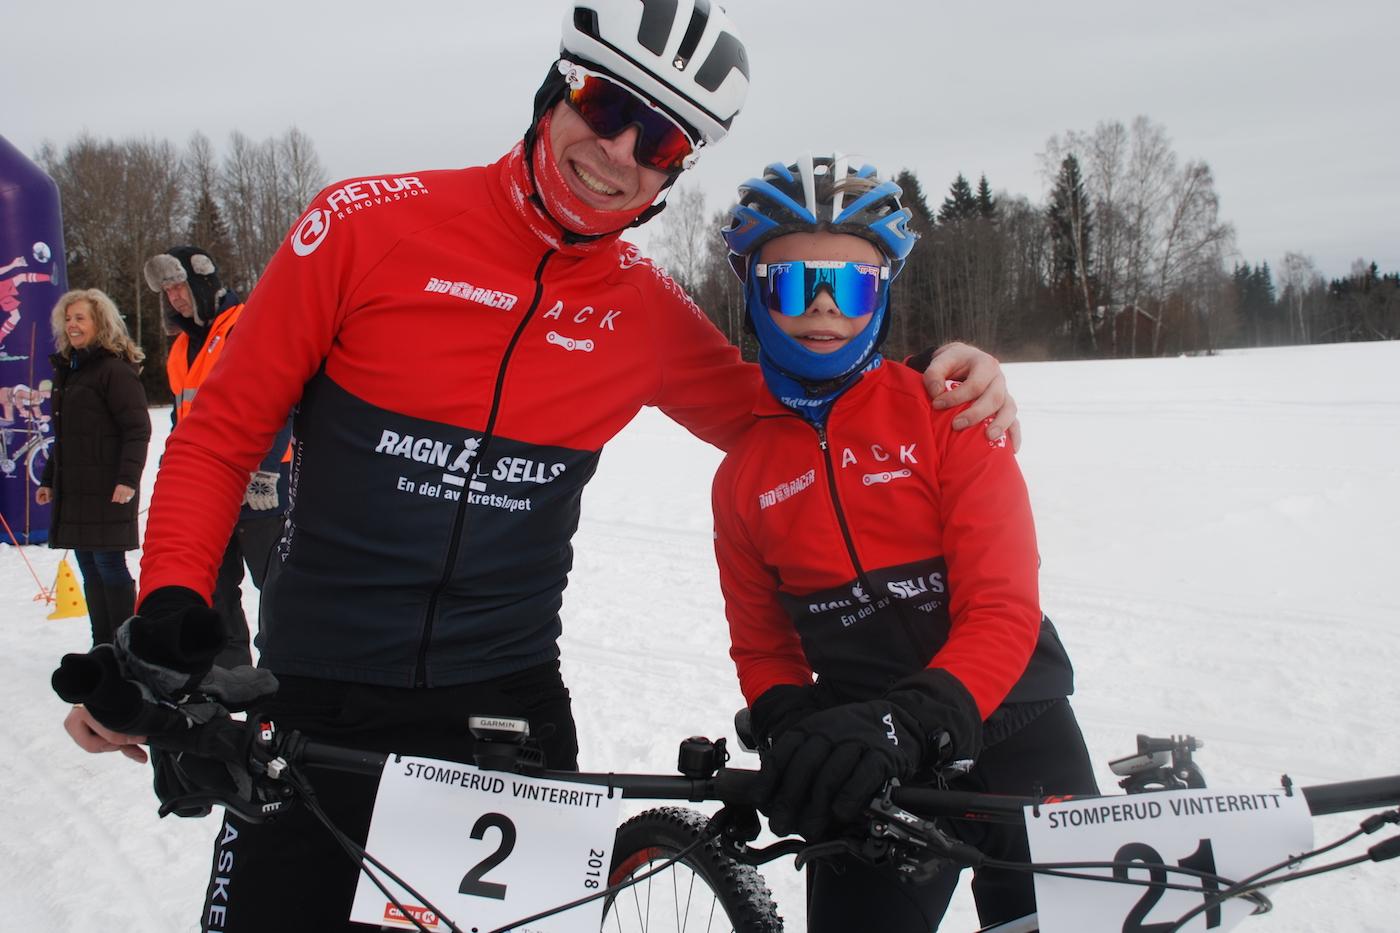 Far og sønn Veslum fra Asker, Truls og Sebastian, markerte seg sterkt med henholdsvis tredje- og førsteplass. Foto: Jon Wiik